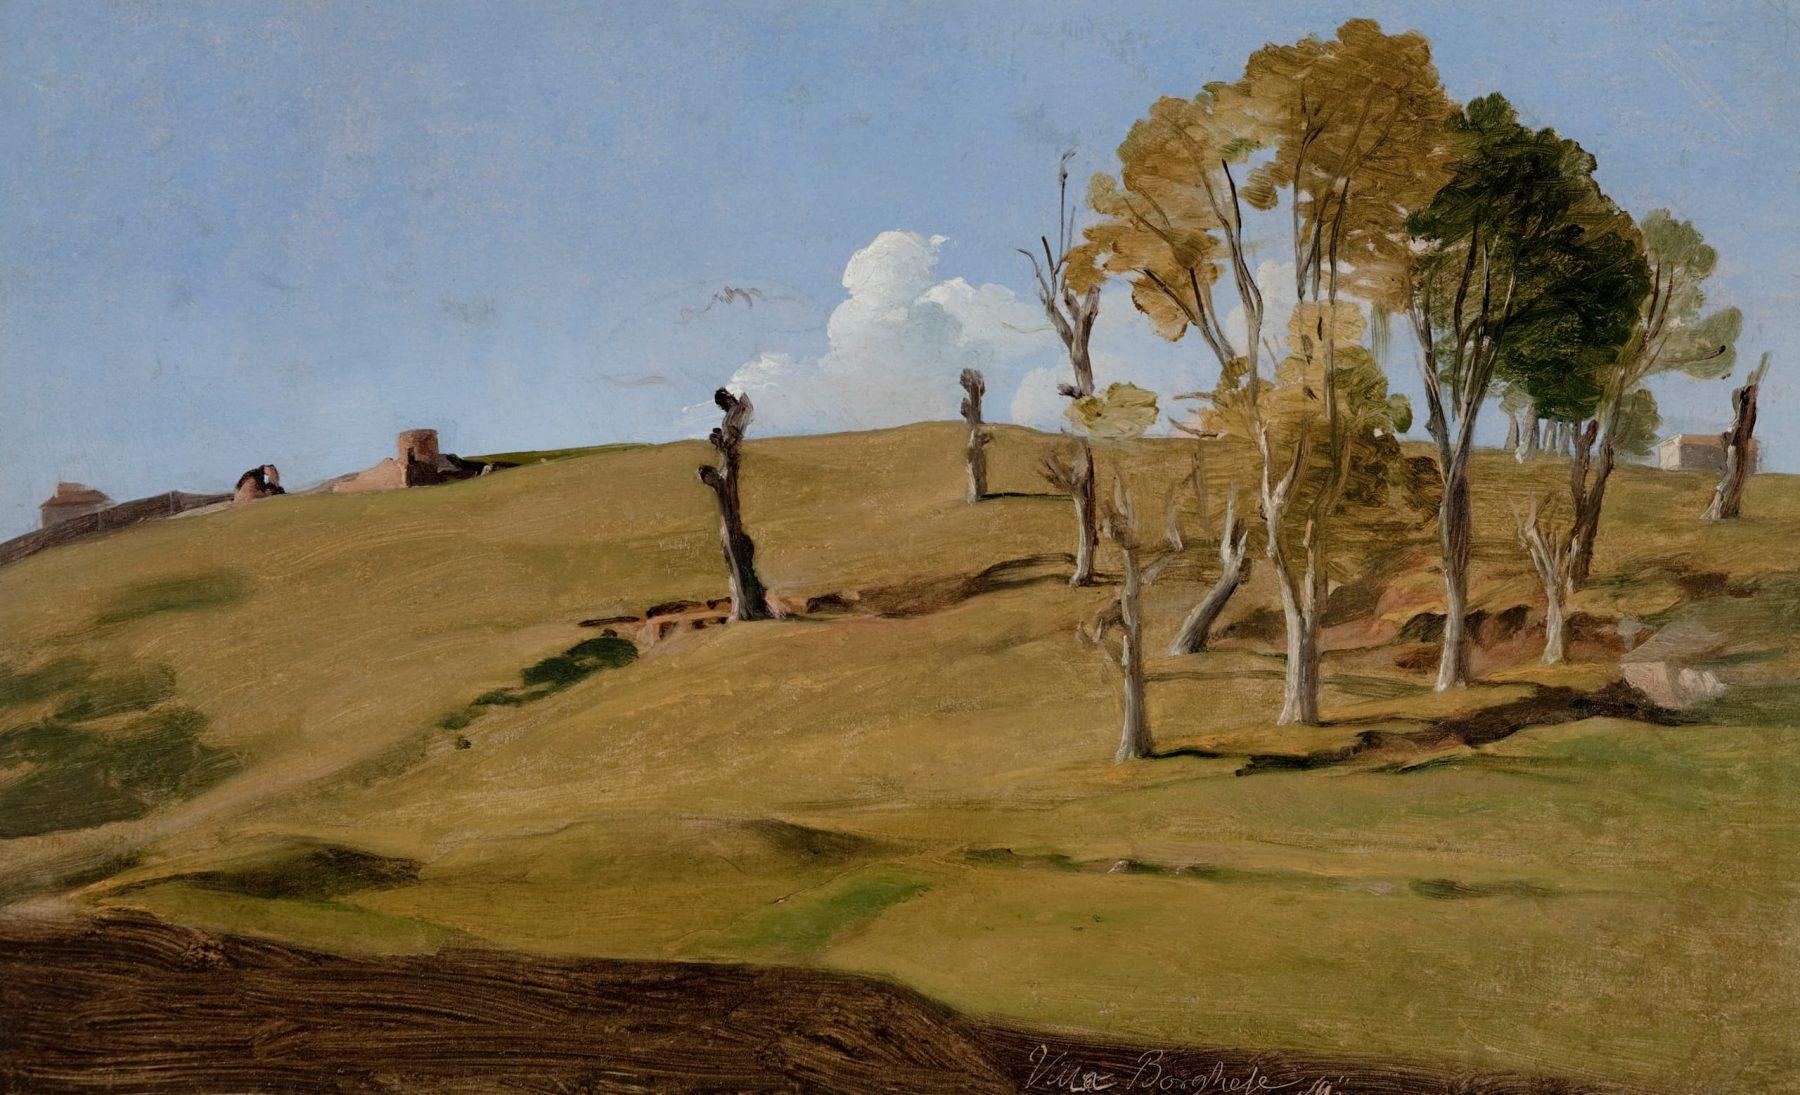 Darstellung eineer hügeligen Landschaft mit wenigen Bäumen rechts und blauem Himmel.